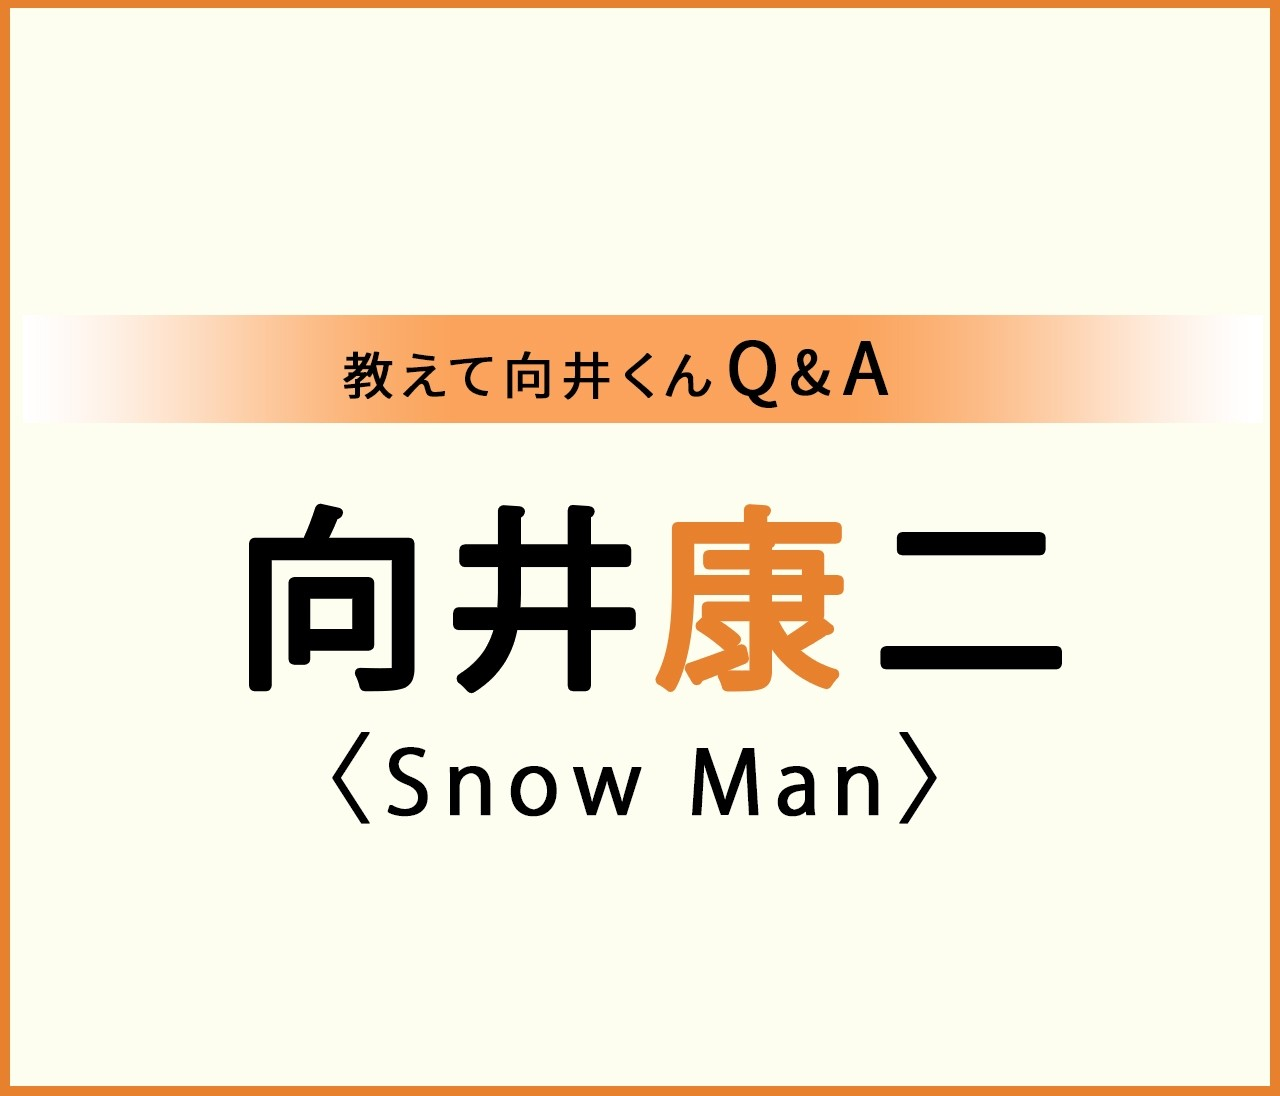 【Snow Man 向井康二くん】必見!プライベートQ&A♡